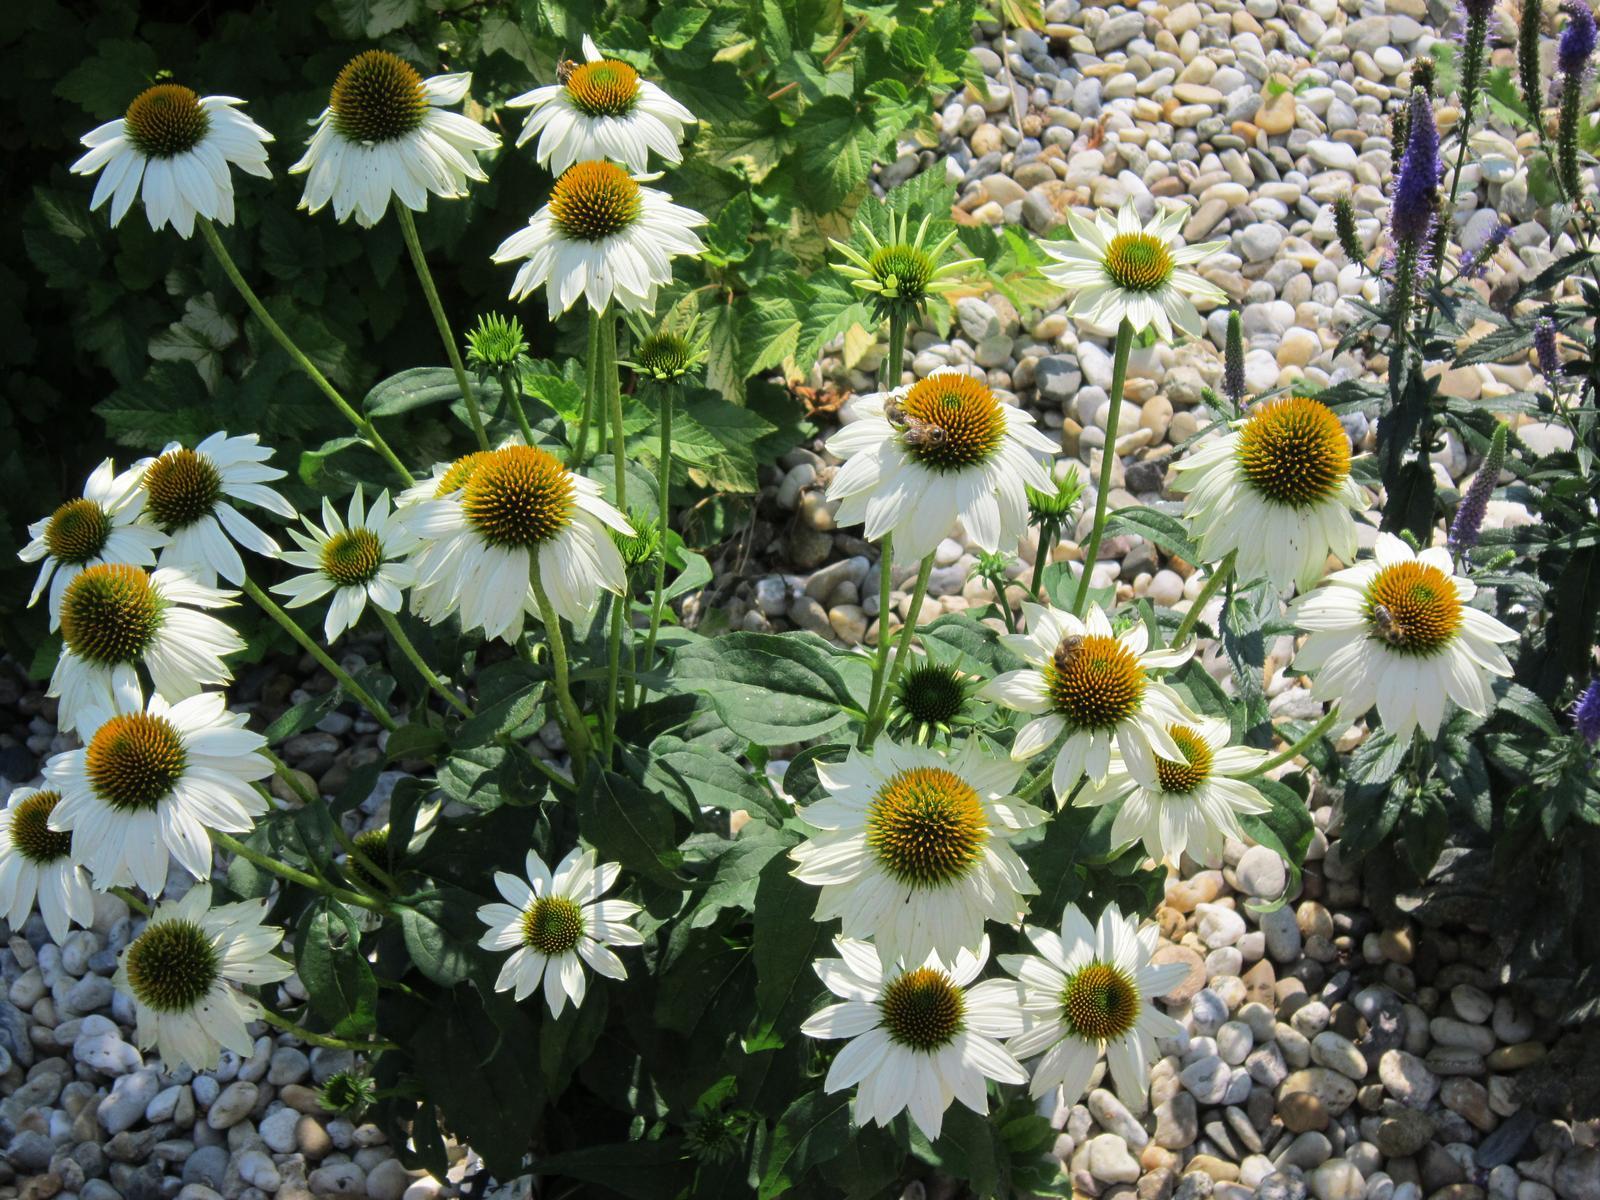 Moja záhrada...ako šiel čas - Biela echinacea stále kvitne